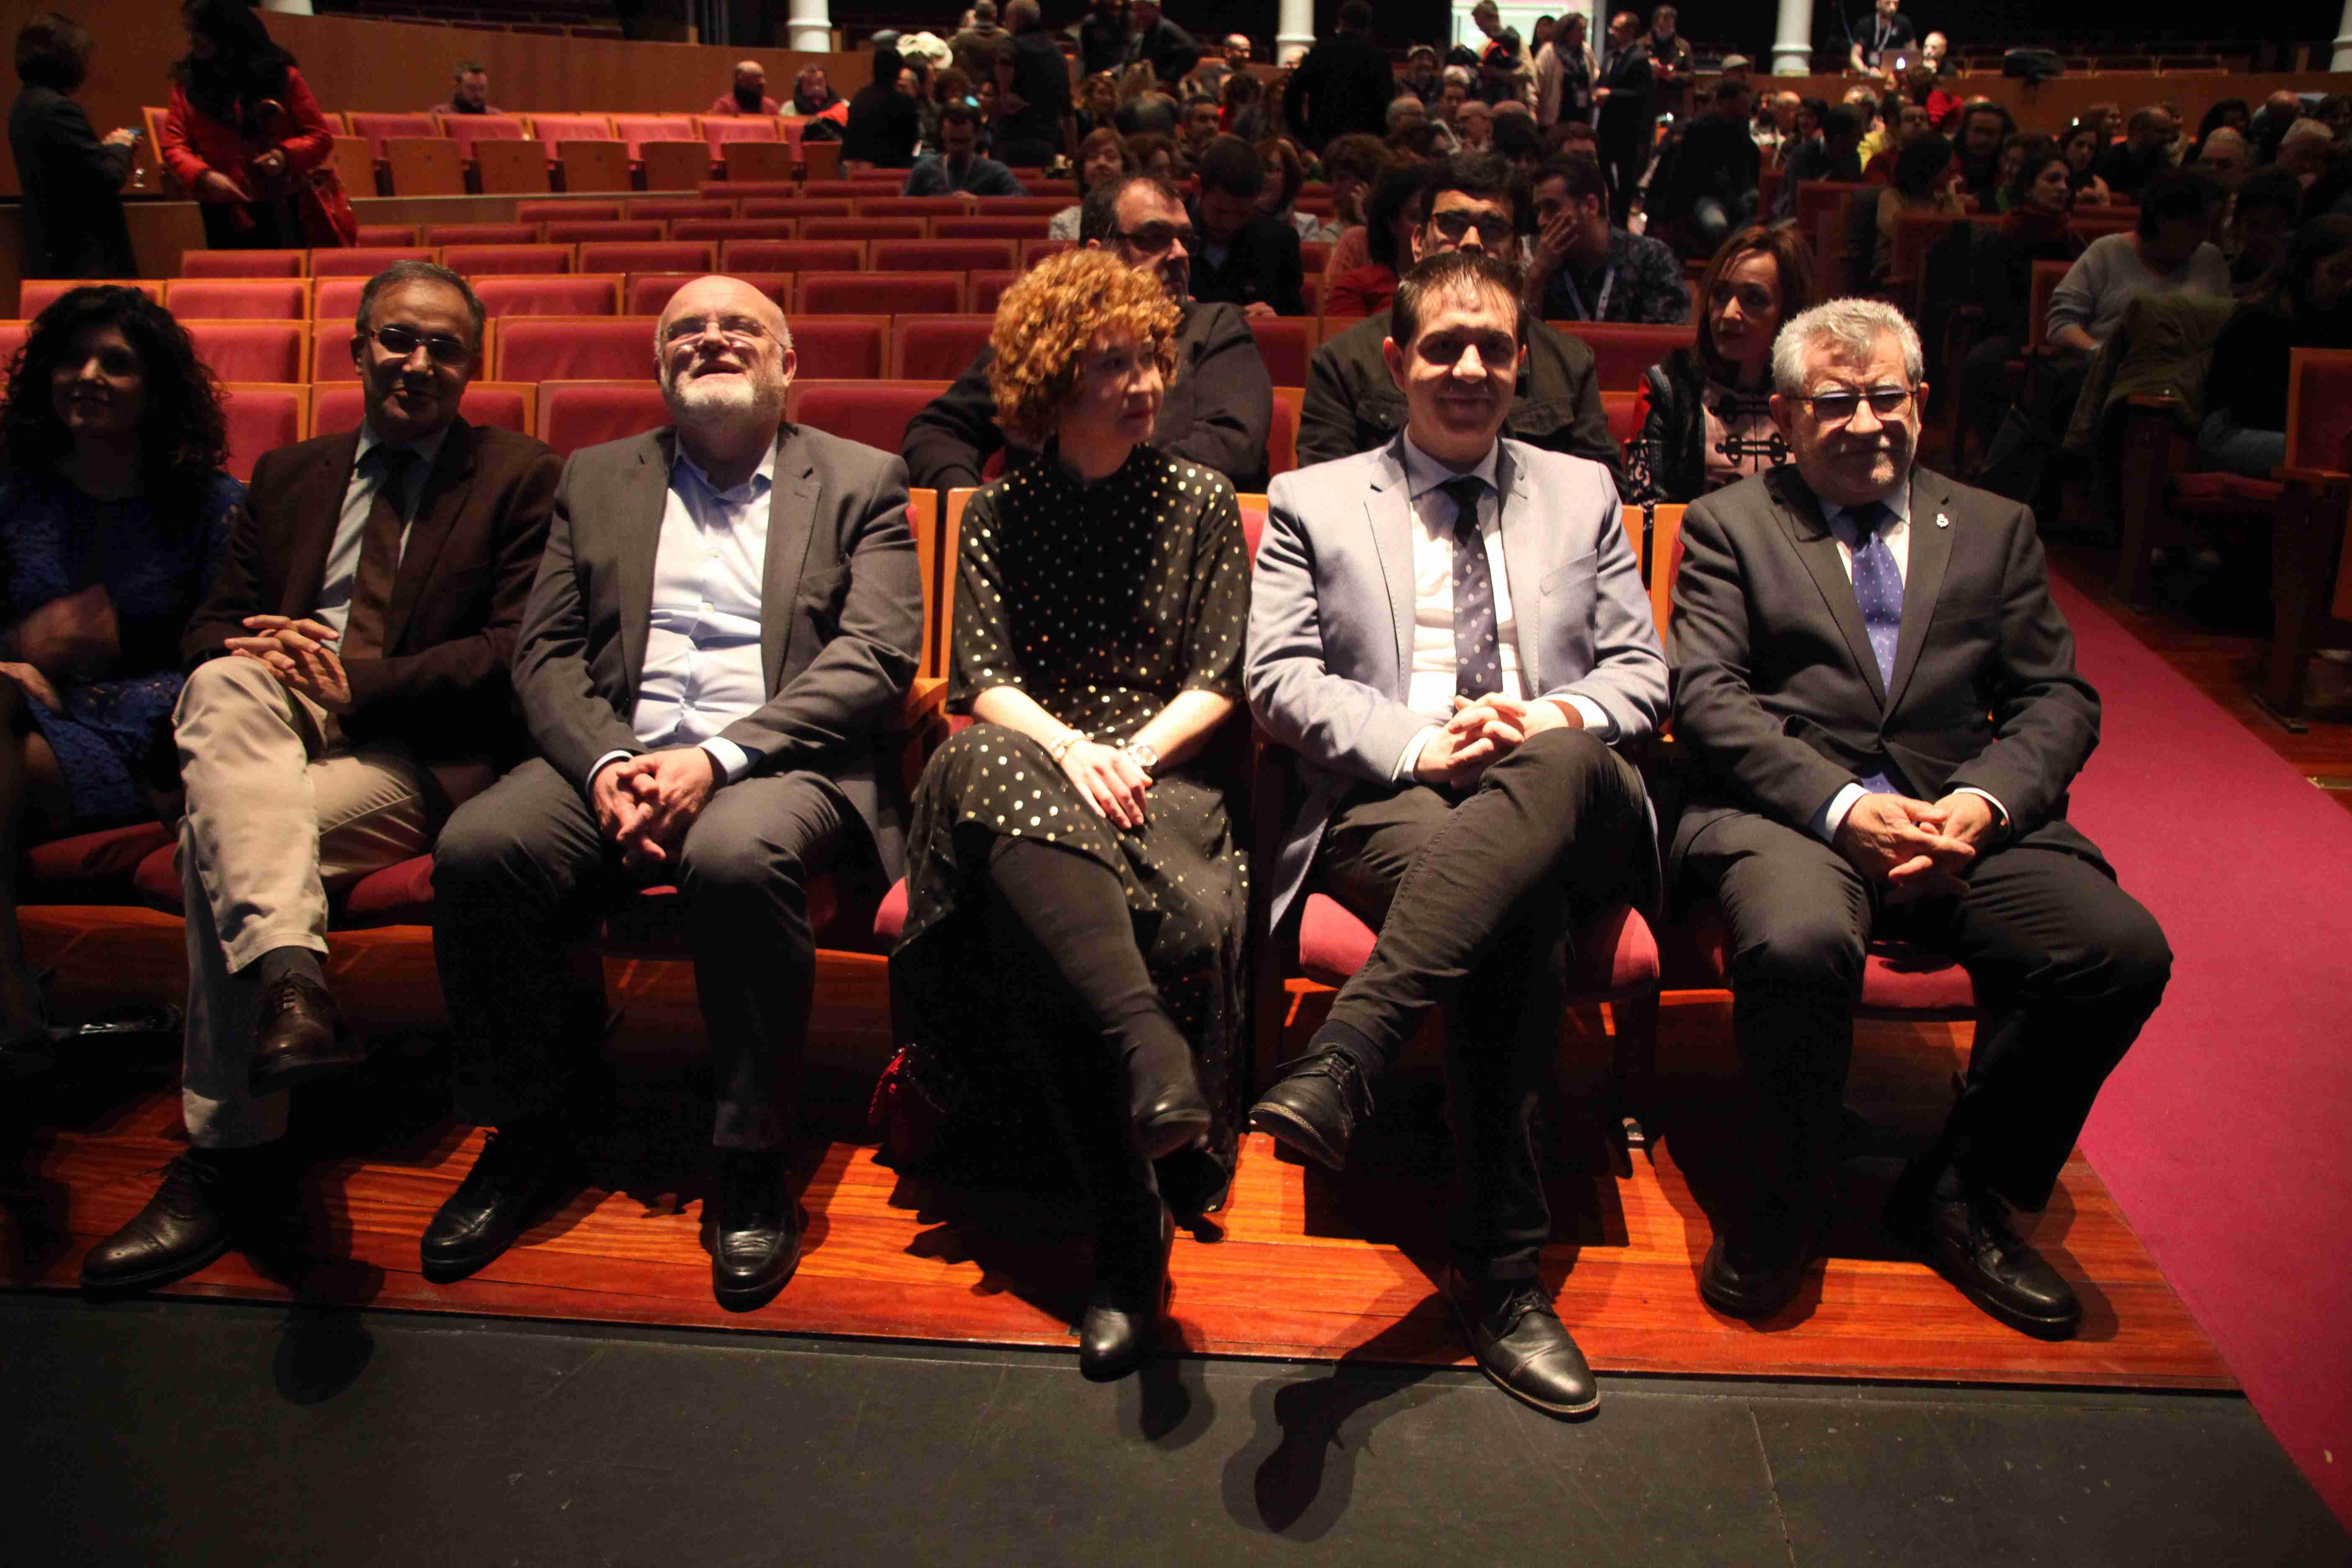 El Gobierno regional destaca el trabajo entre instituciones y agradece a Albacete que acoja una nueva edición de la Feria de Artes Escénicas y Musicales 2